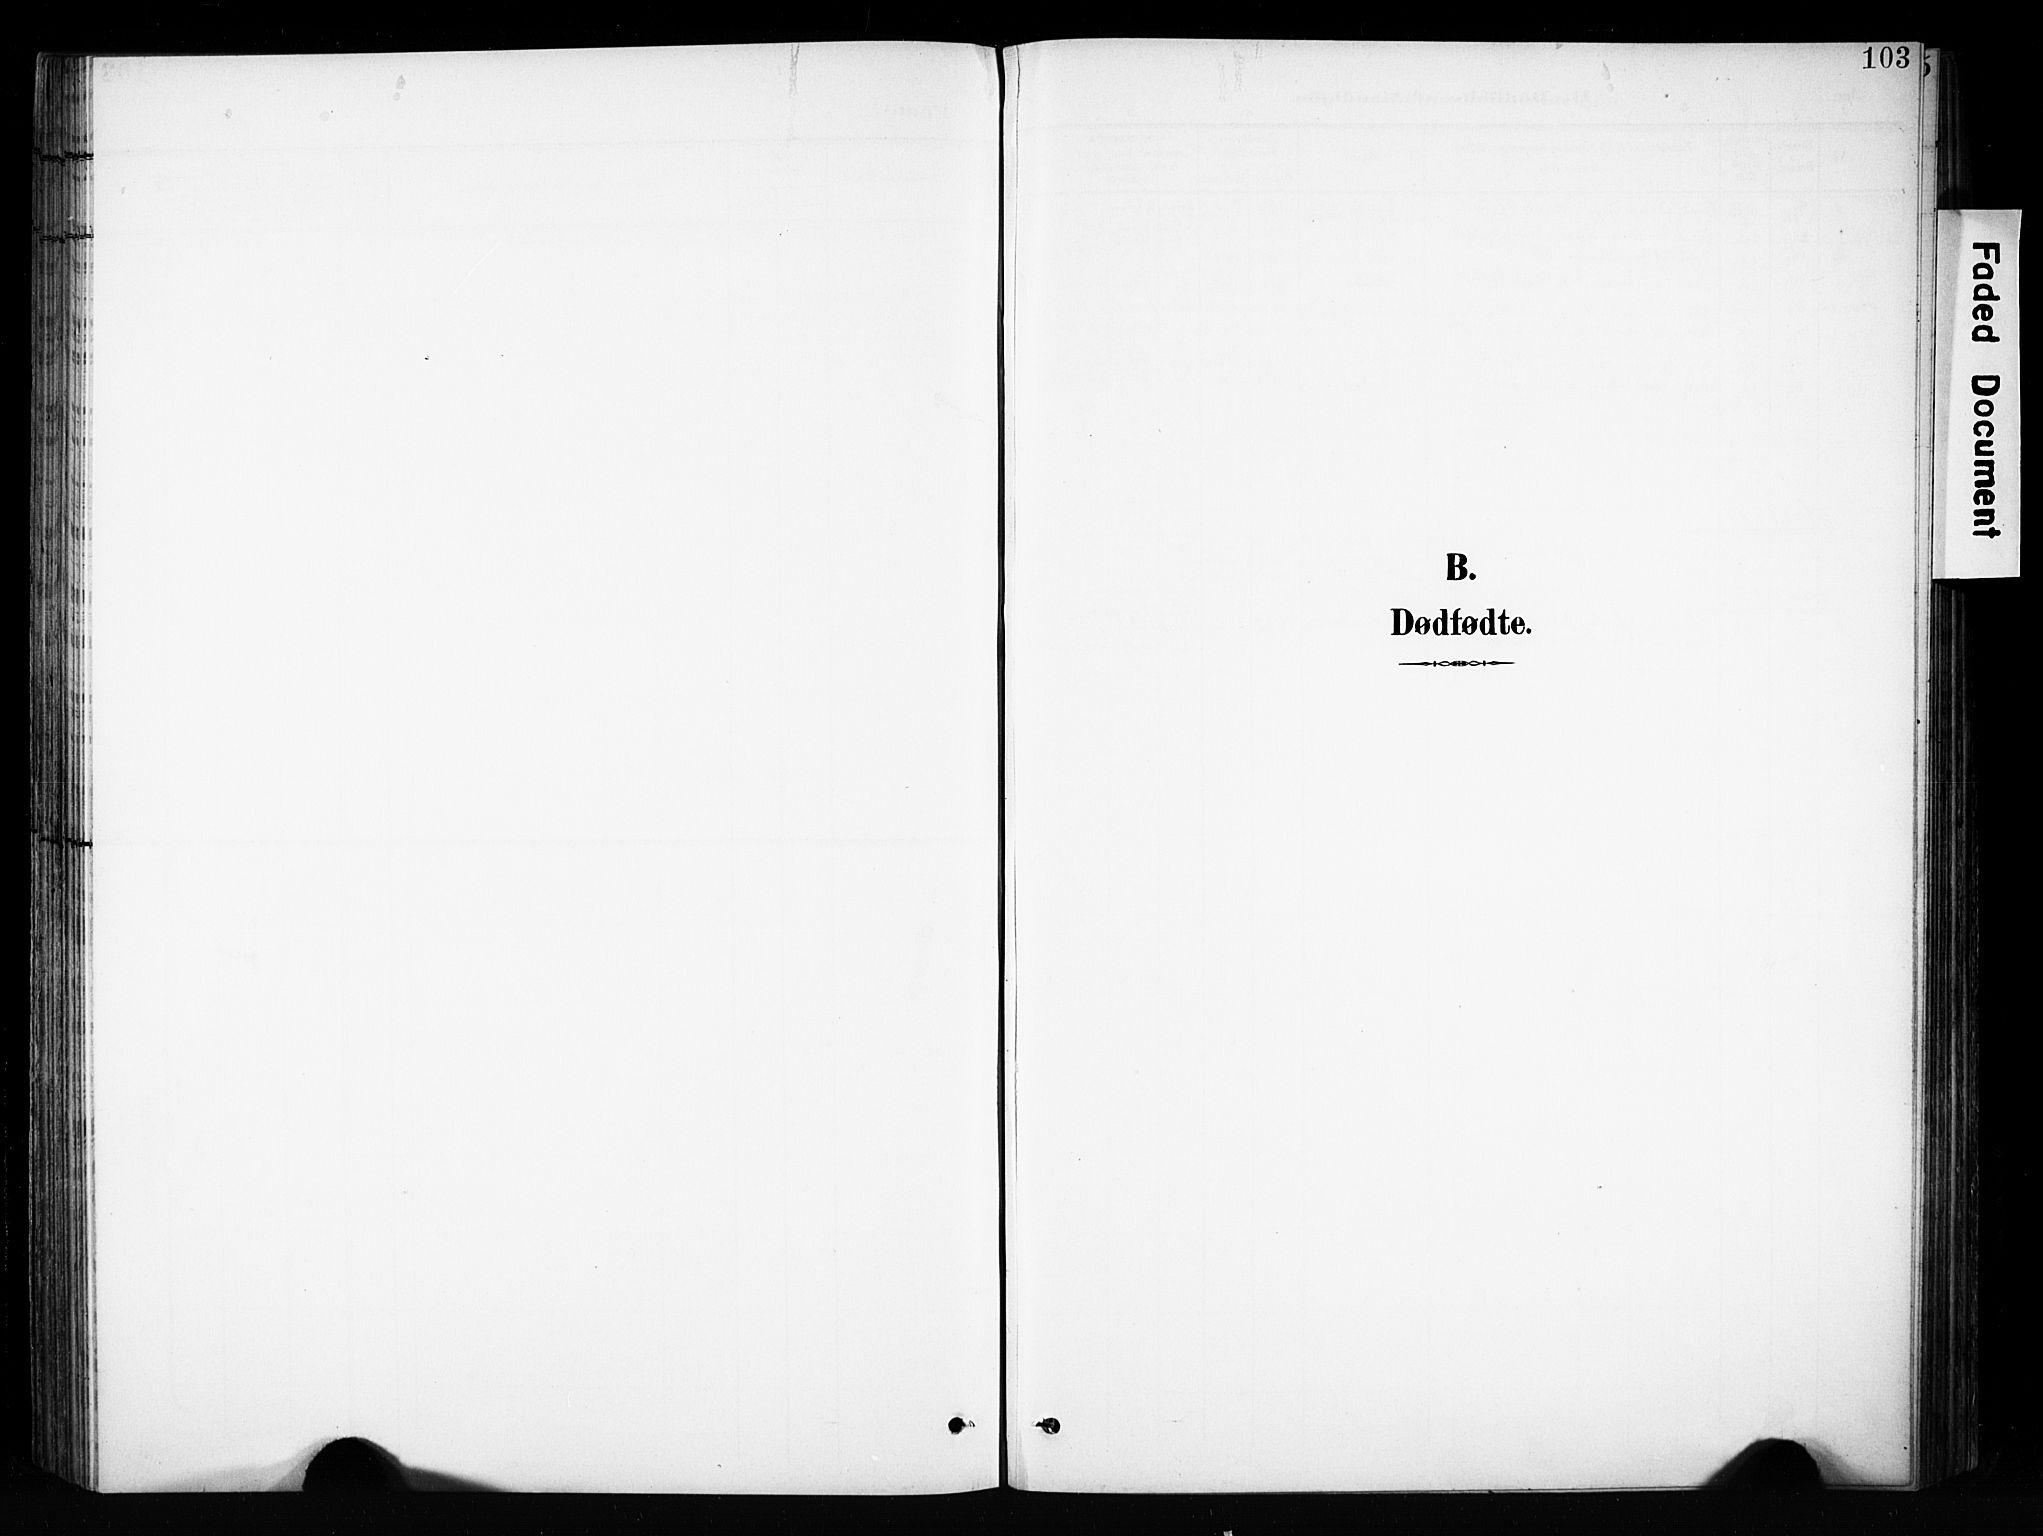 SAH, Brandbu prestekontor, Ministerialbok nr. 1, 1900-1912, s. 103